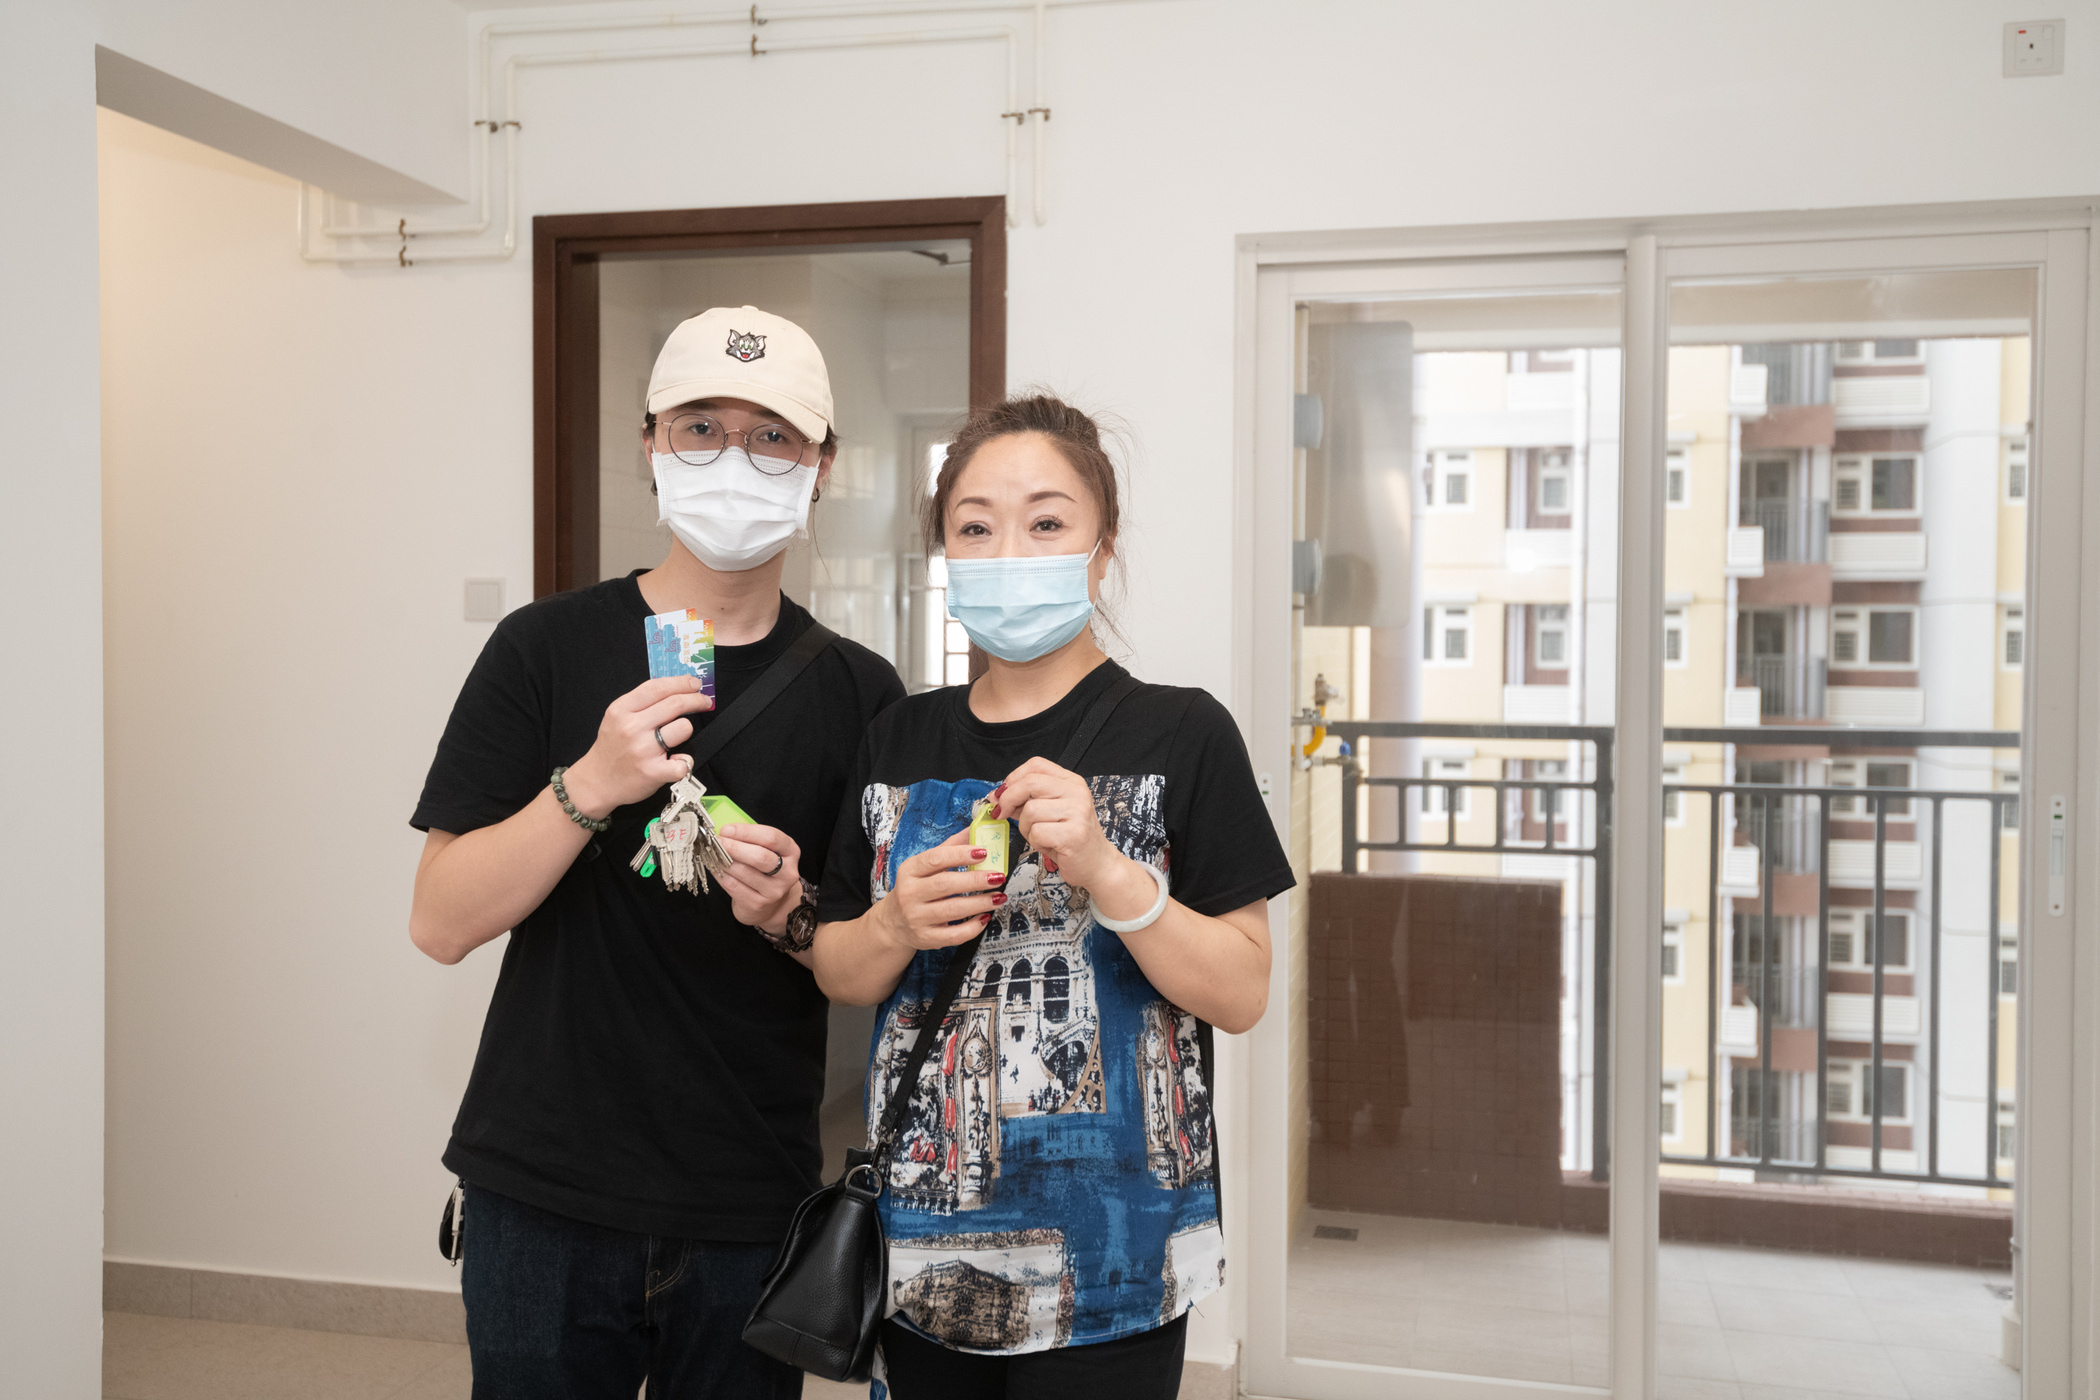 Habitação Social | Primeiras famílias assinam contratos para edifício em Mong Há